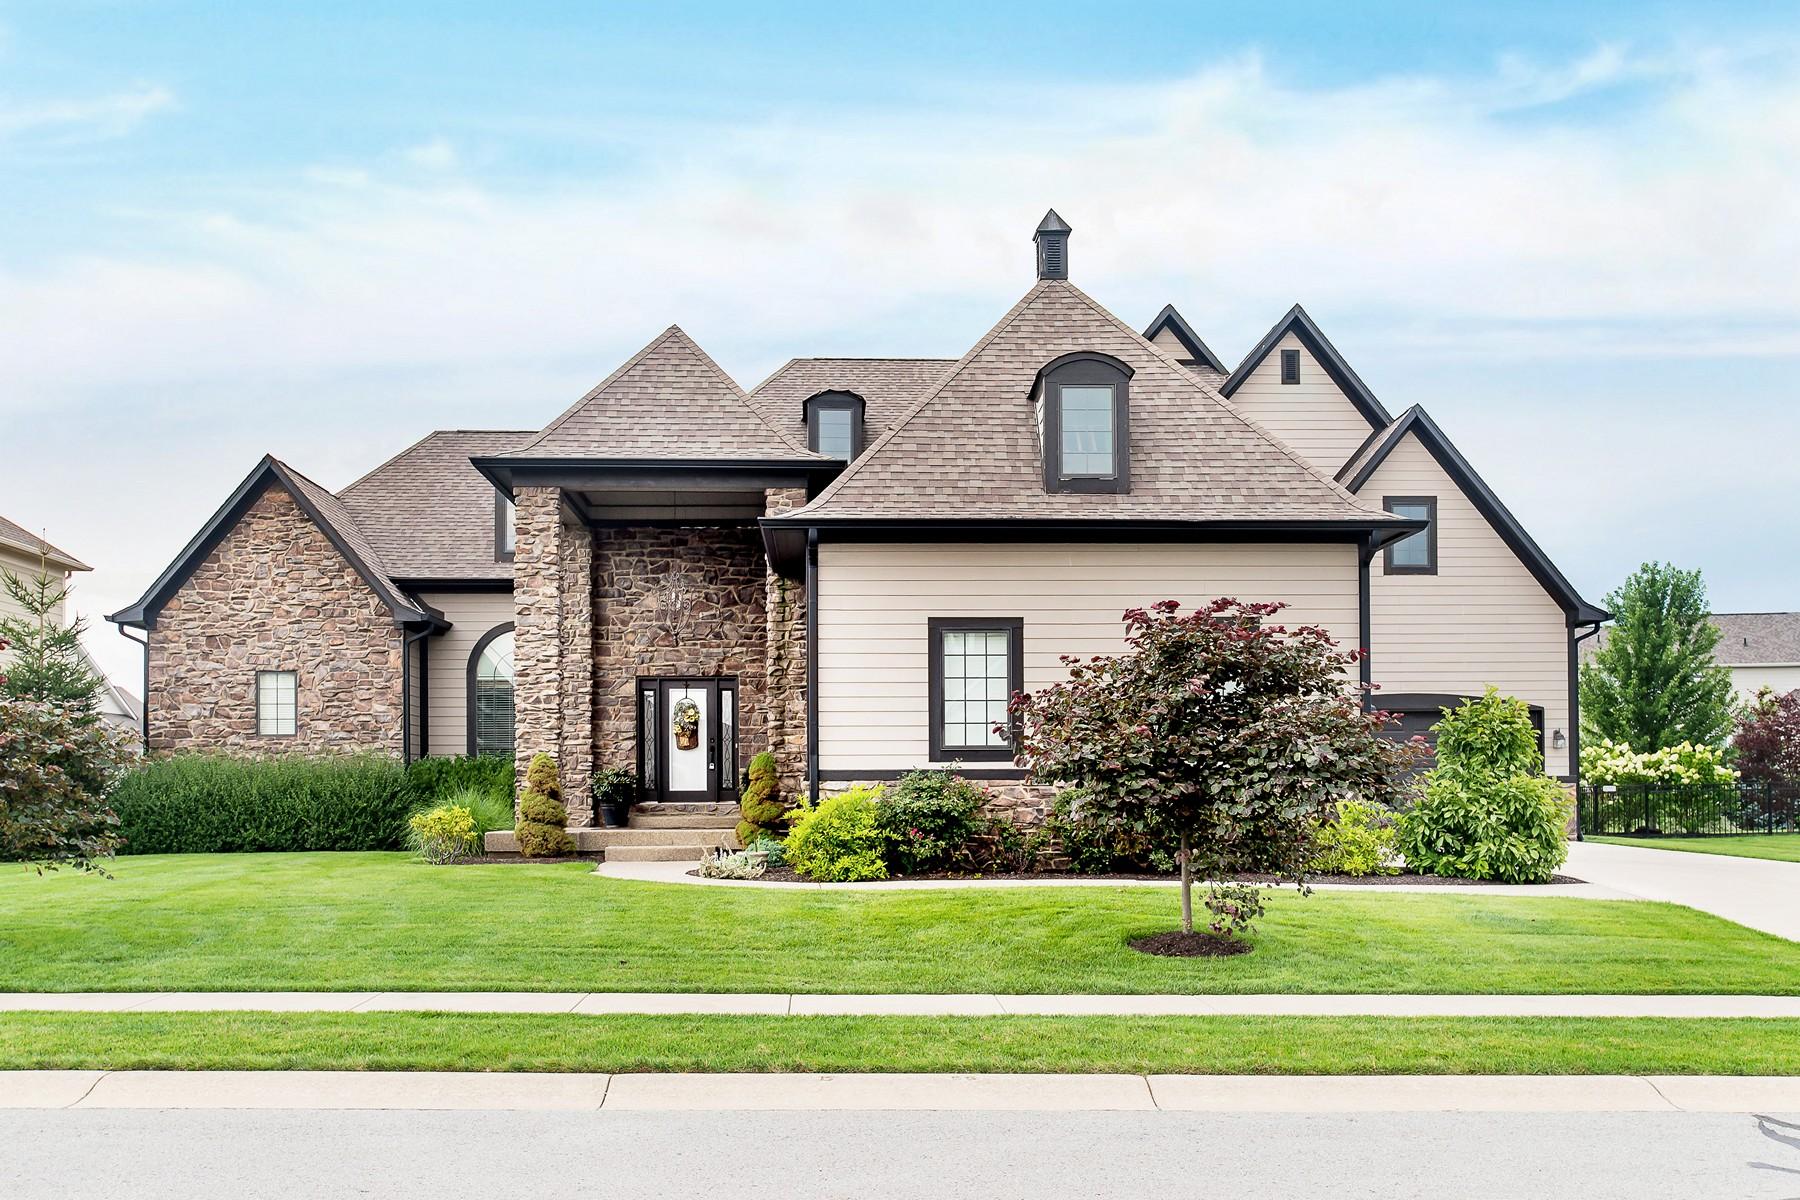 Vivienda unifamiliar por un Venta en Wow - Custom Home With Incredible Details 15860 Viking Lair Road Westfield, Indiana, 46074 Estados Unidos